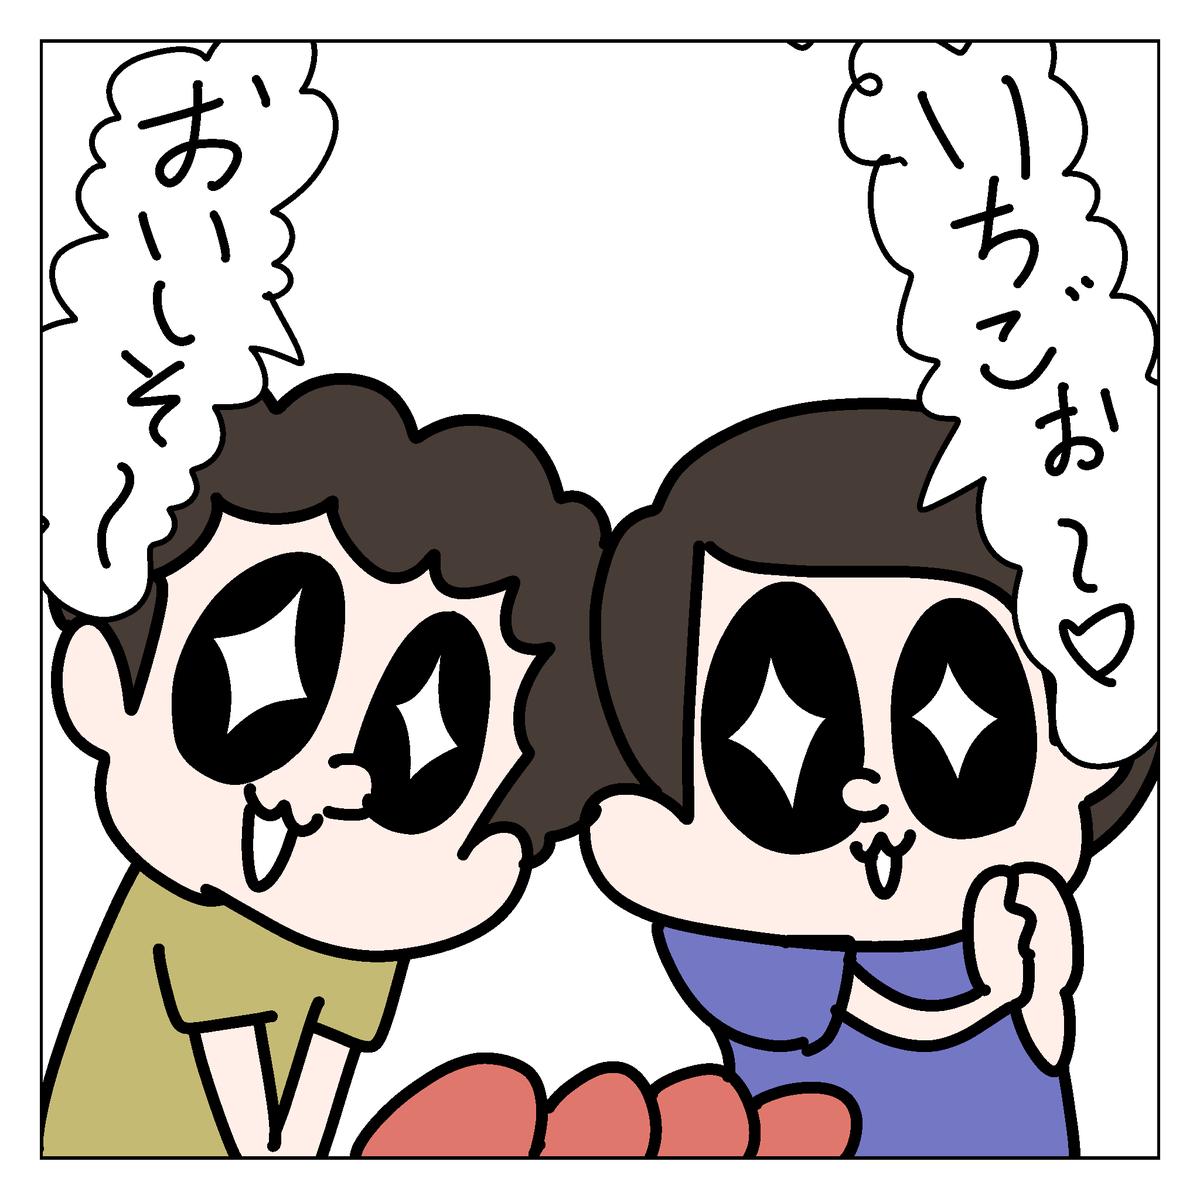 f:id:YuruFuwaTa:20200508112706p:plain